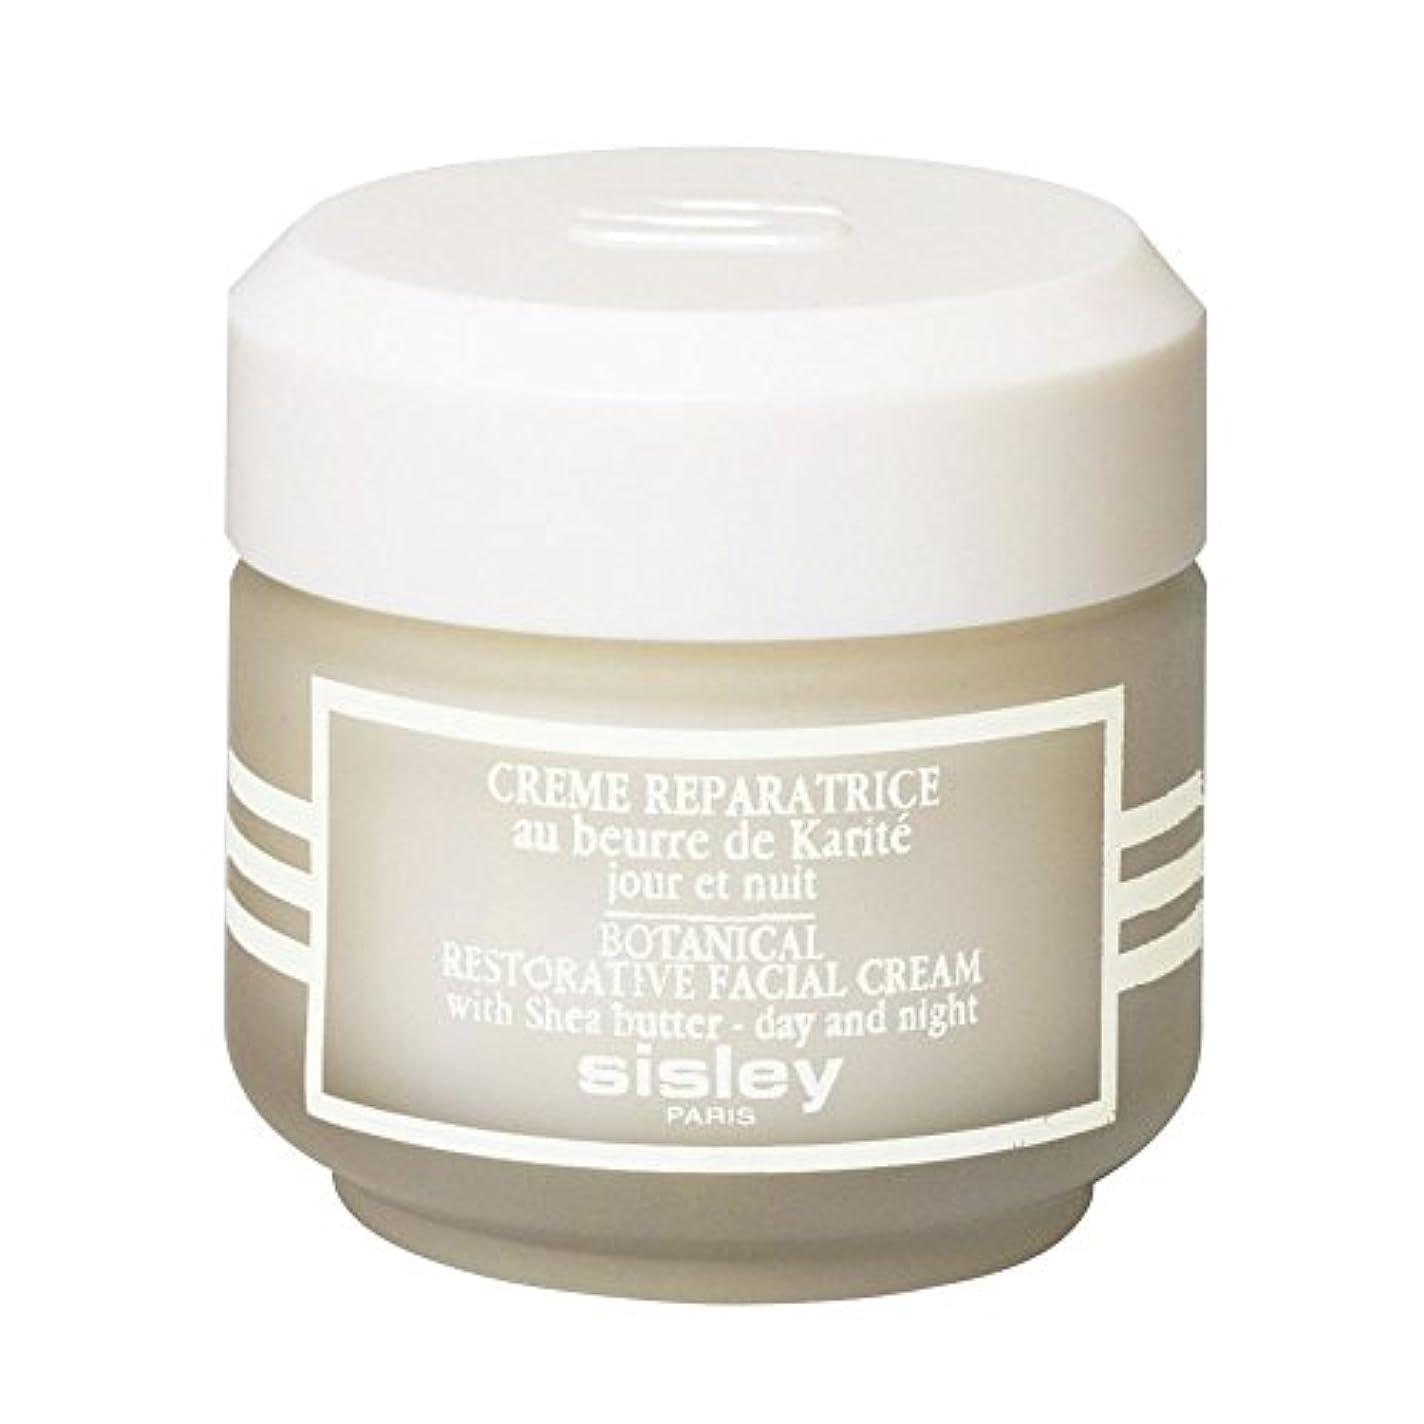 審判有益緩む[Sisley] シスレーボタニカル修復フェイスクリーム、50ミリリットル - Sisley Botanical Restorative Face Cream, 50ml [並行輸入品]